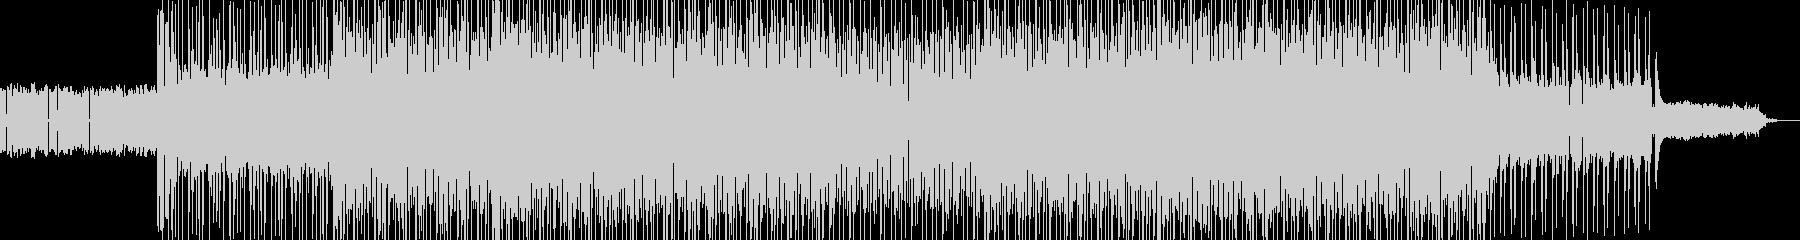 カッコイイ現代的なロックミュージック03の未再生の波形